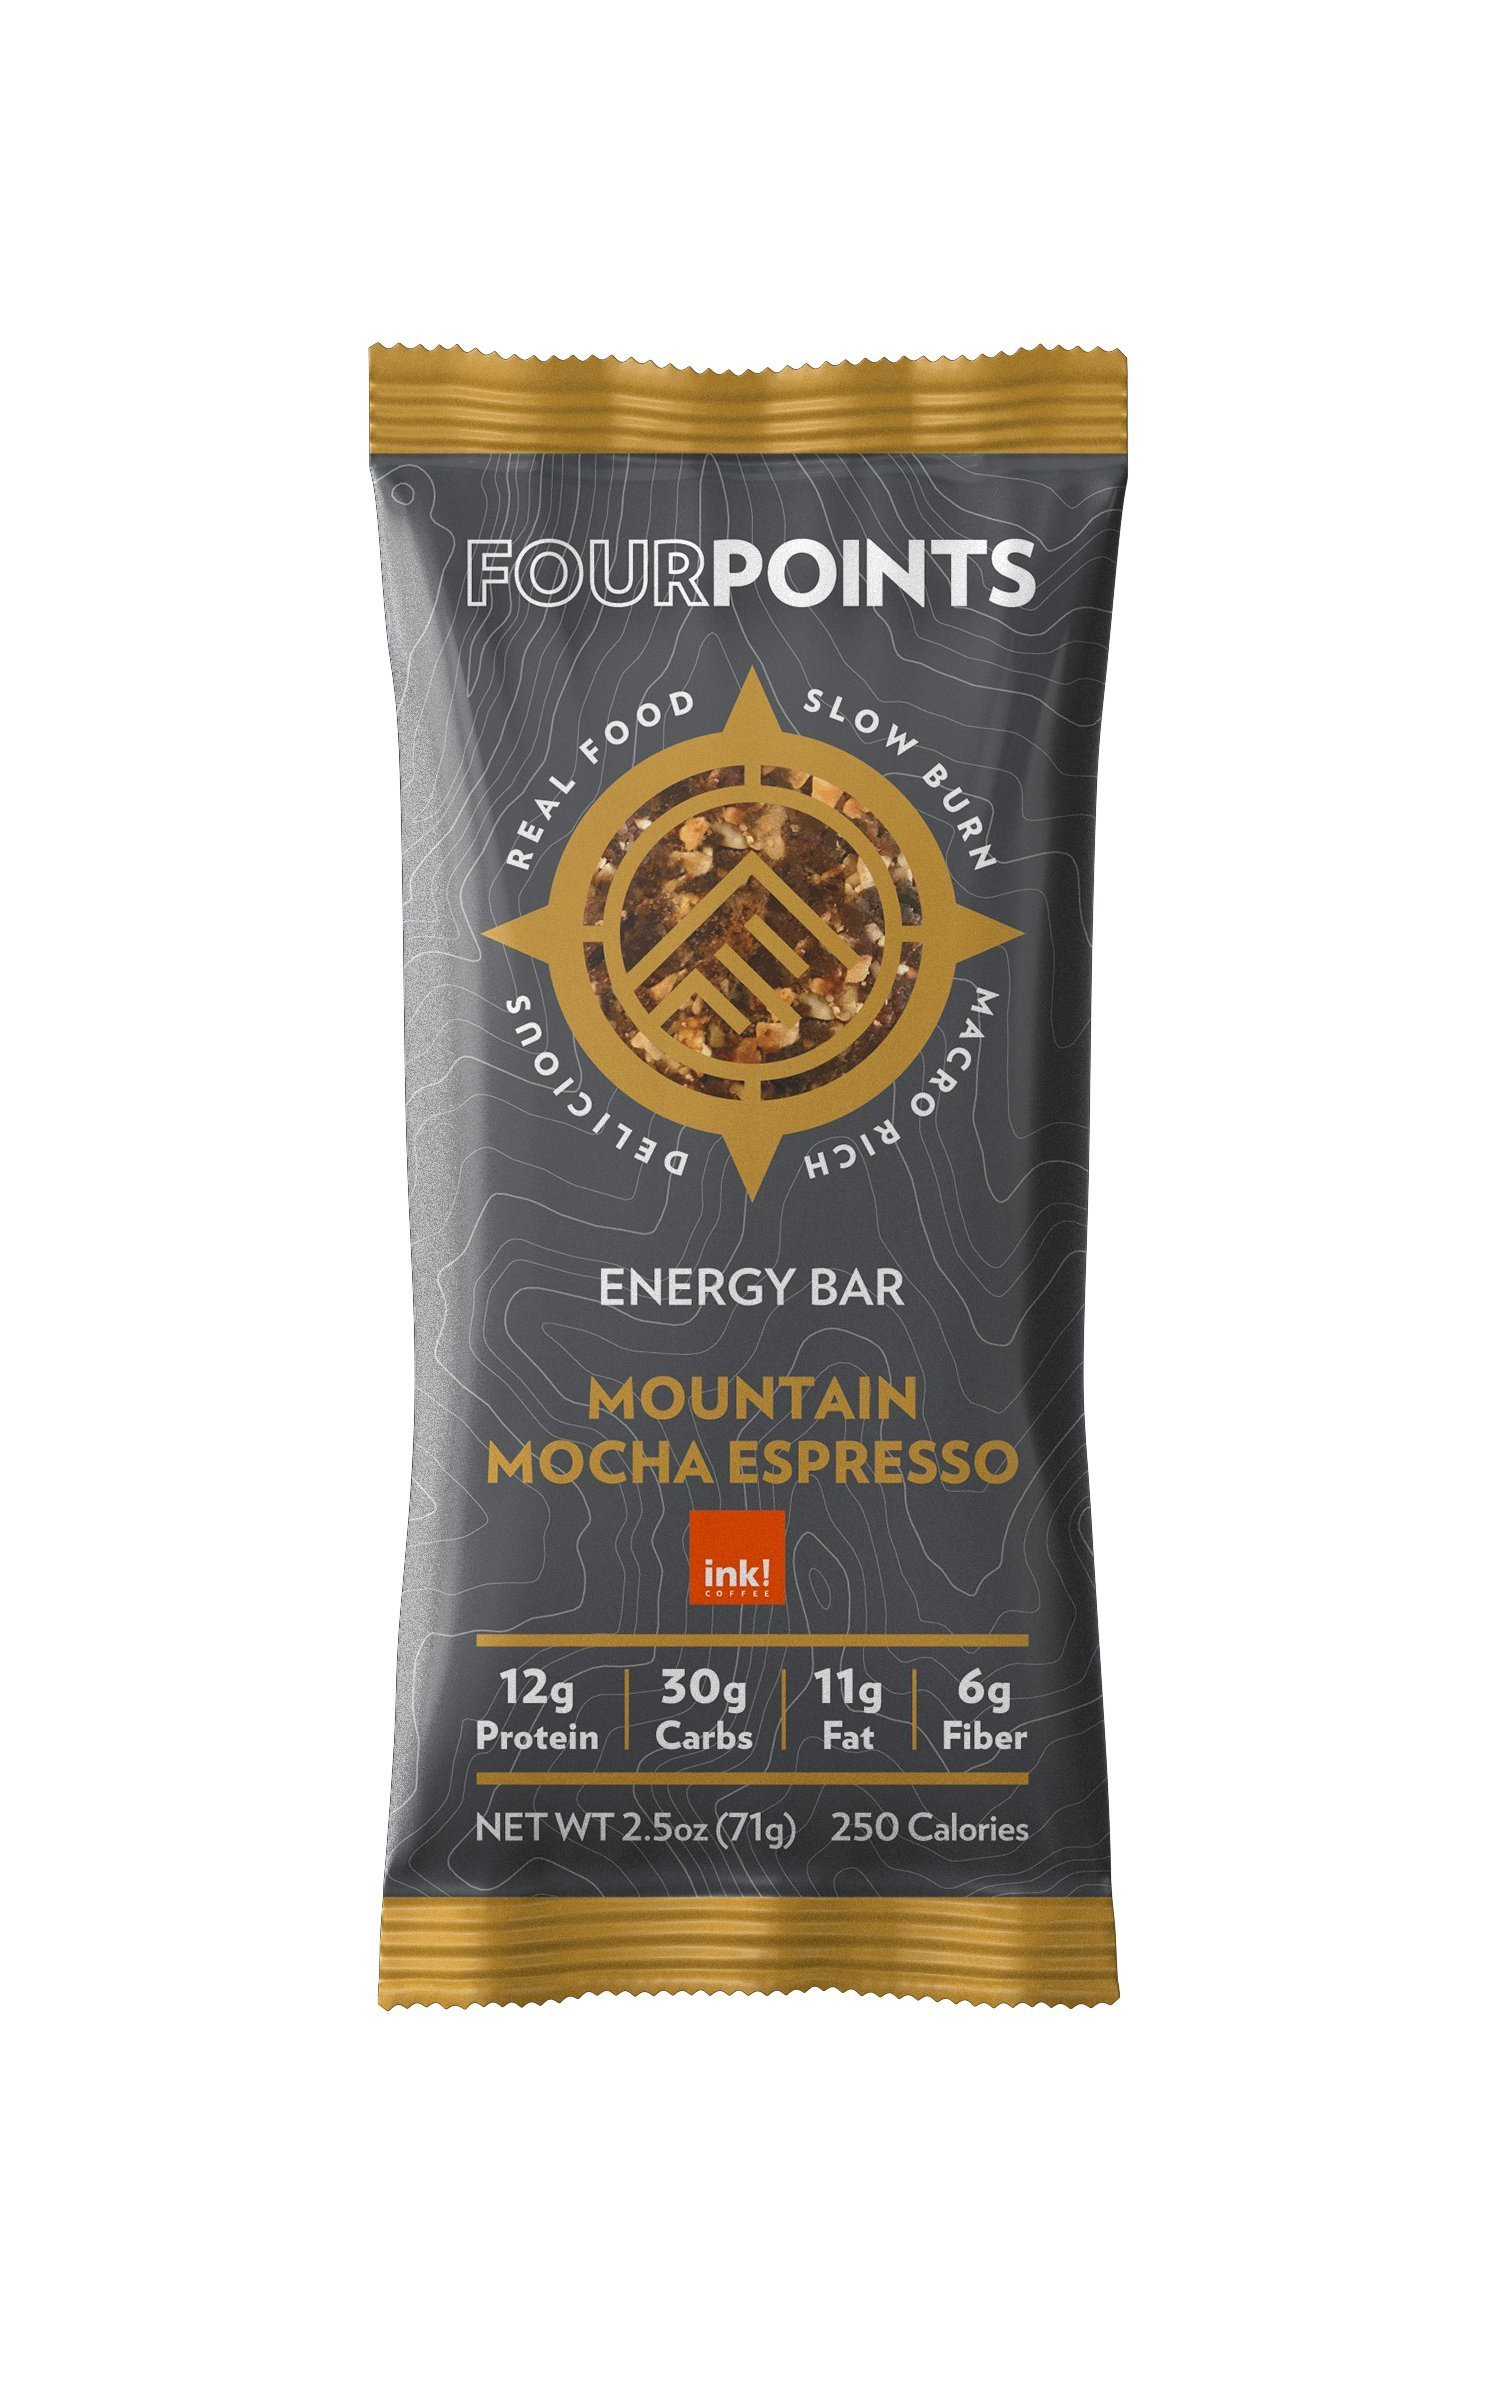 Fourpoints Mountain Mocha Espresso Bar - Box of 12 - Mountain Mocha Espresso, Box of 12